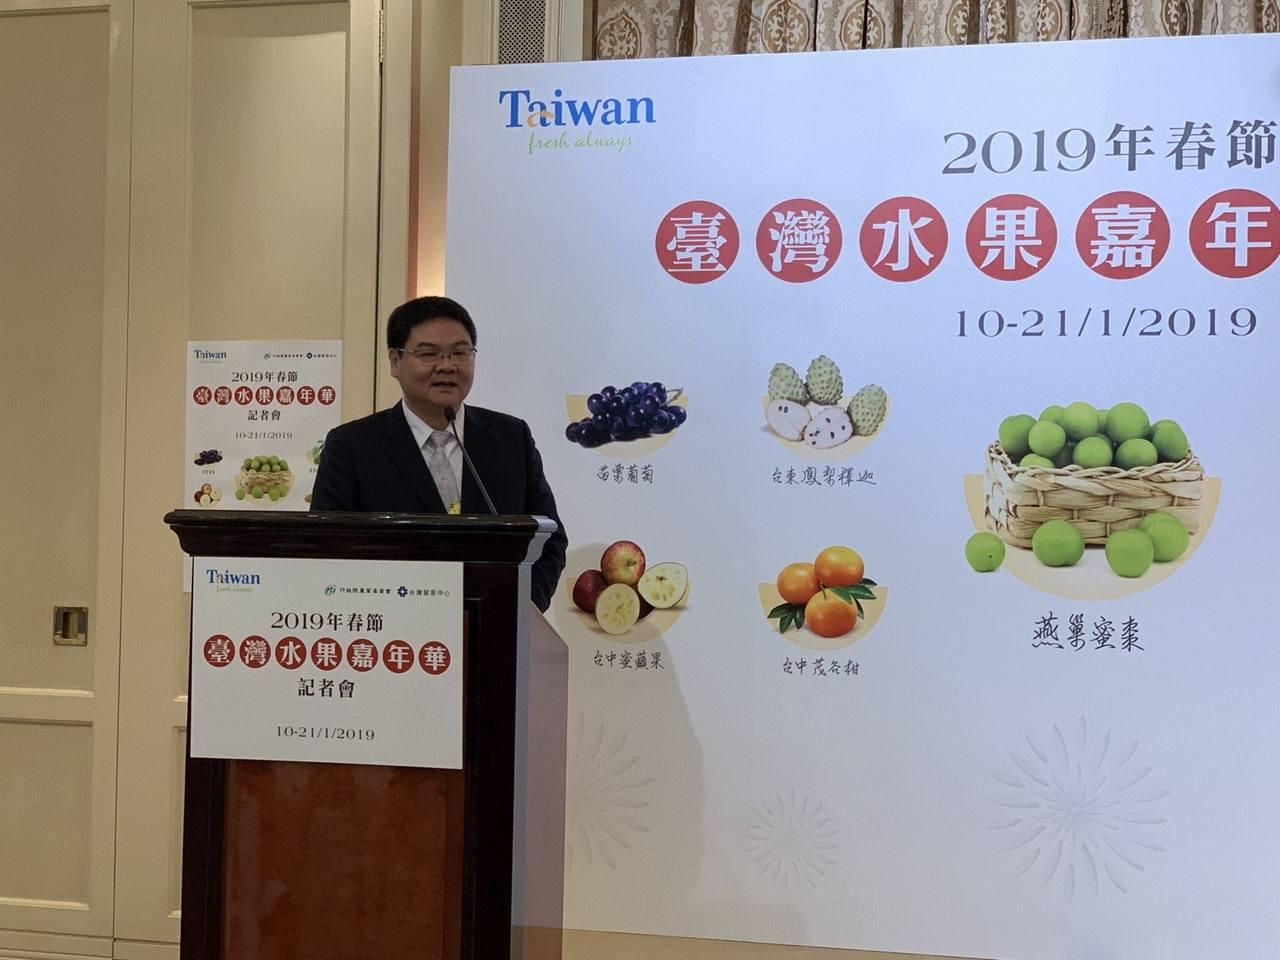 台灣貿易中心到香港辦水果嘉年華。記者張嘉敏/攝影